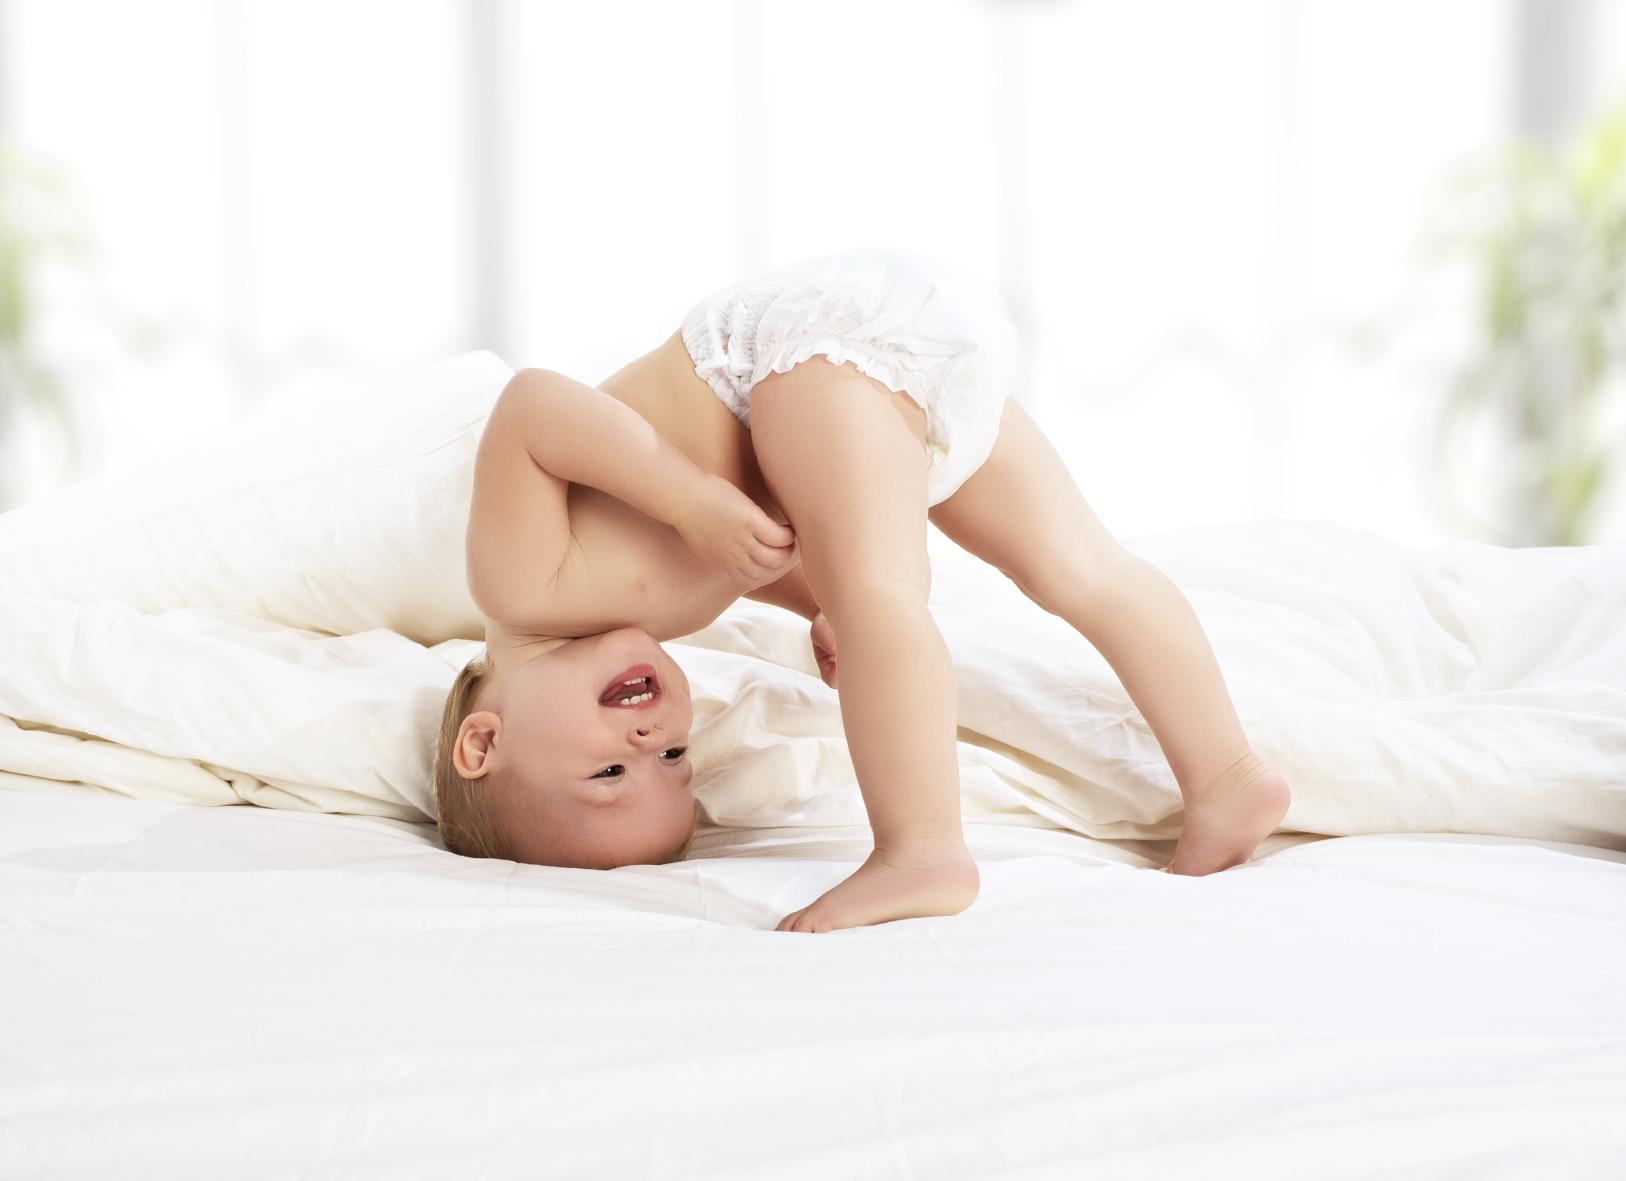 Do diapers harm boys?